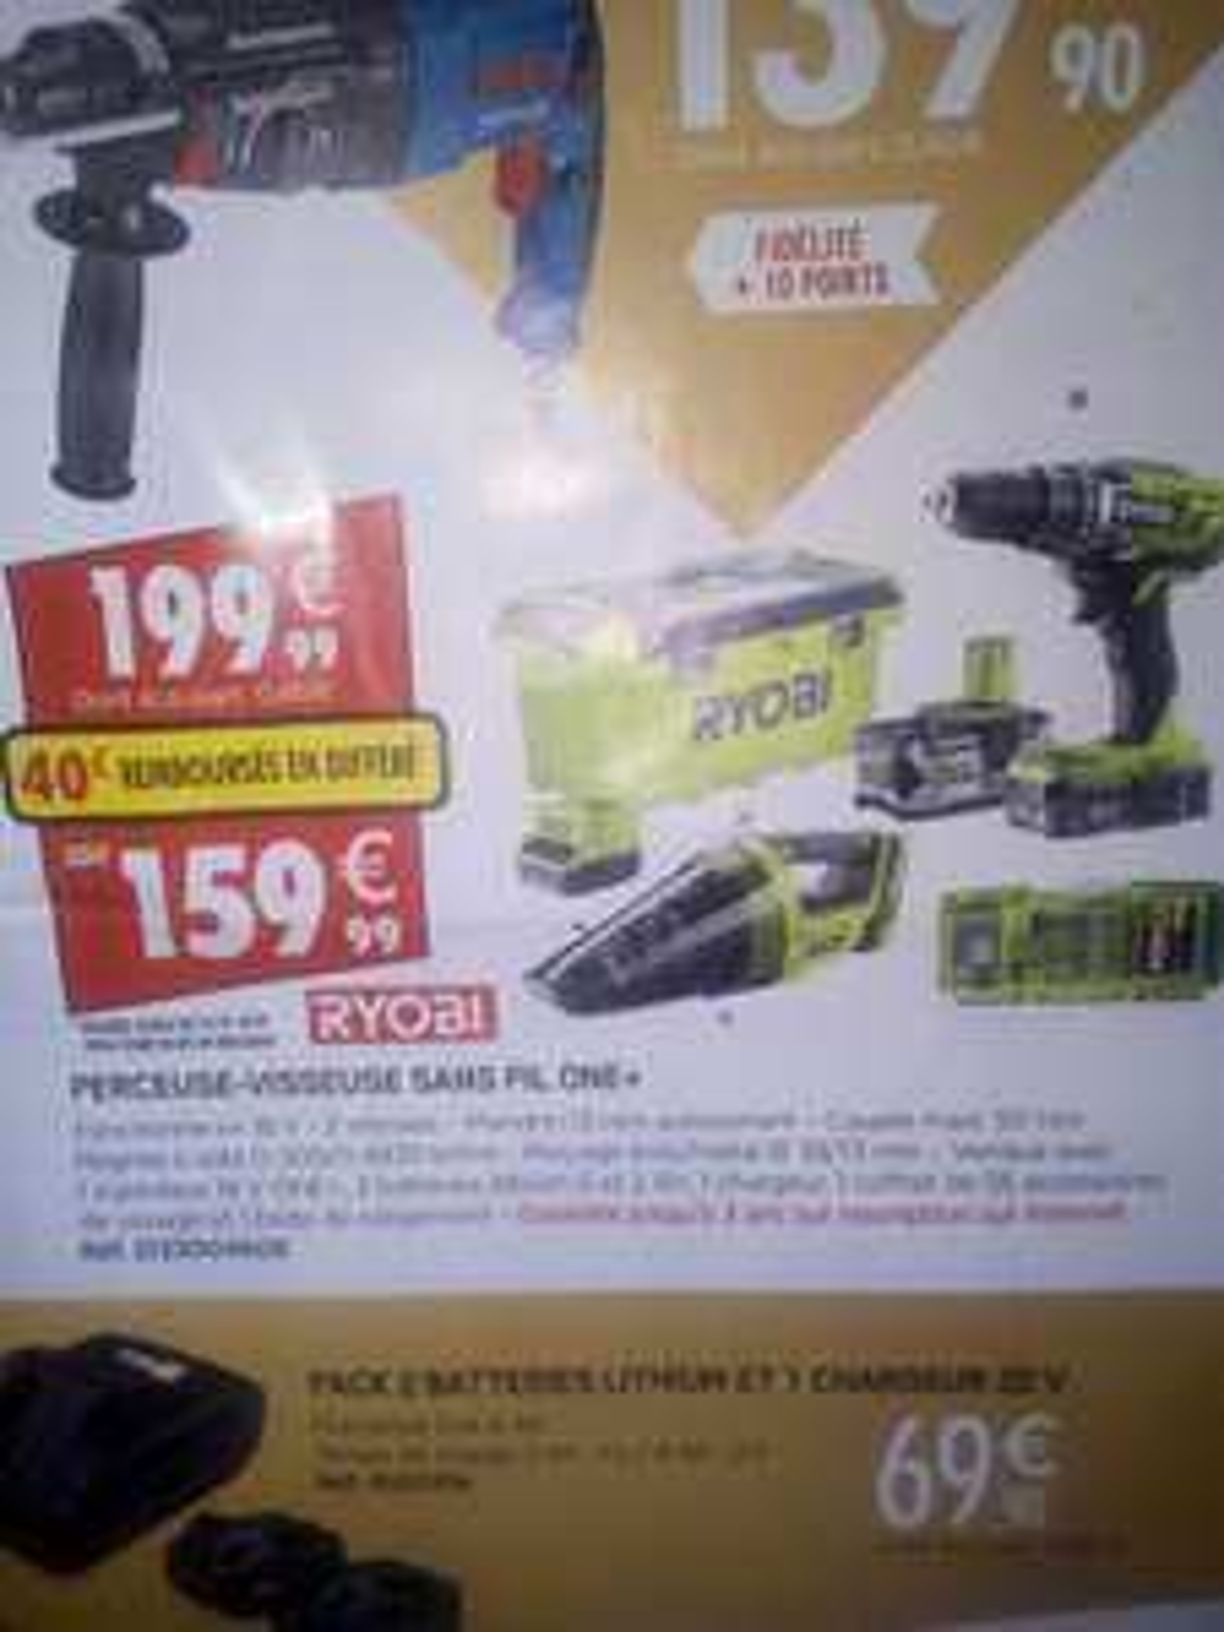 Pack Ryobi Perceuse visseuse + Aspirateur + 2 batteries + Coffret 55 accessoires (Via ODR de 40€) - Brico pro André de la Marche (49)